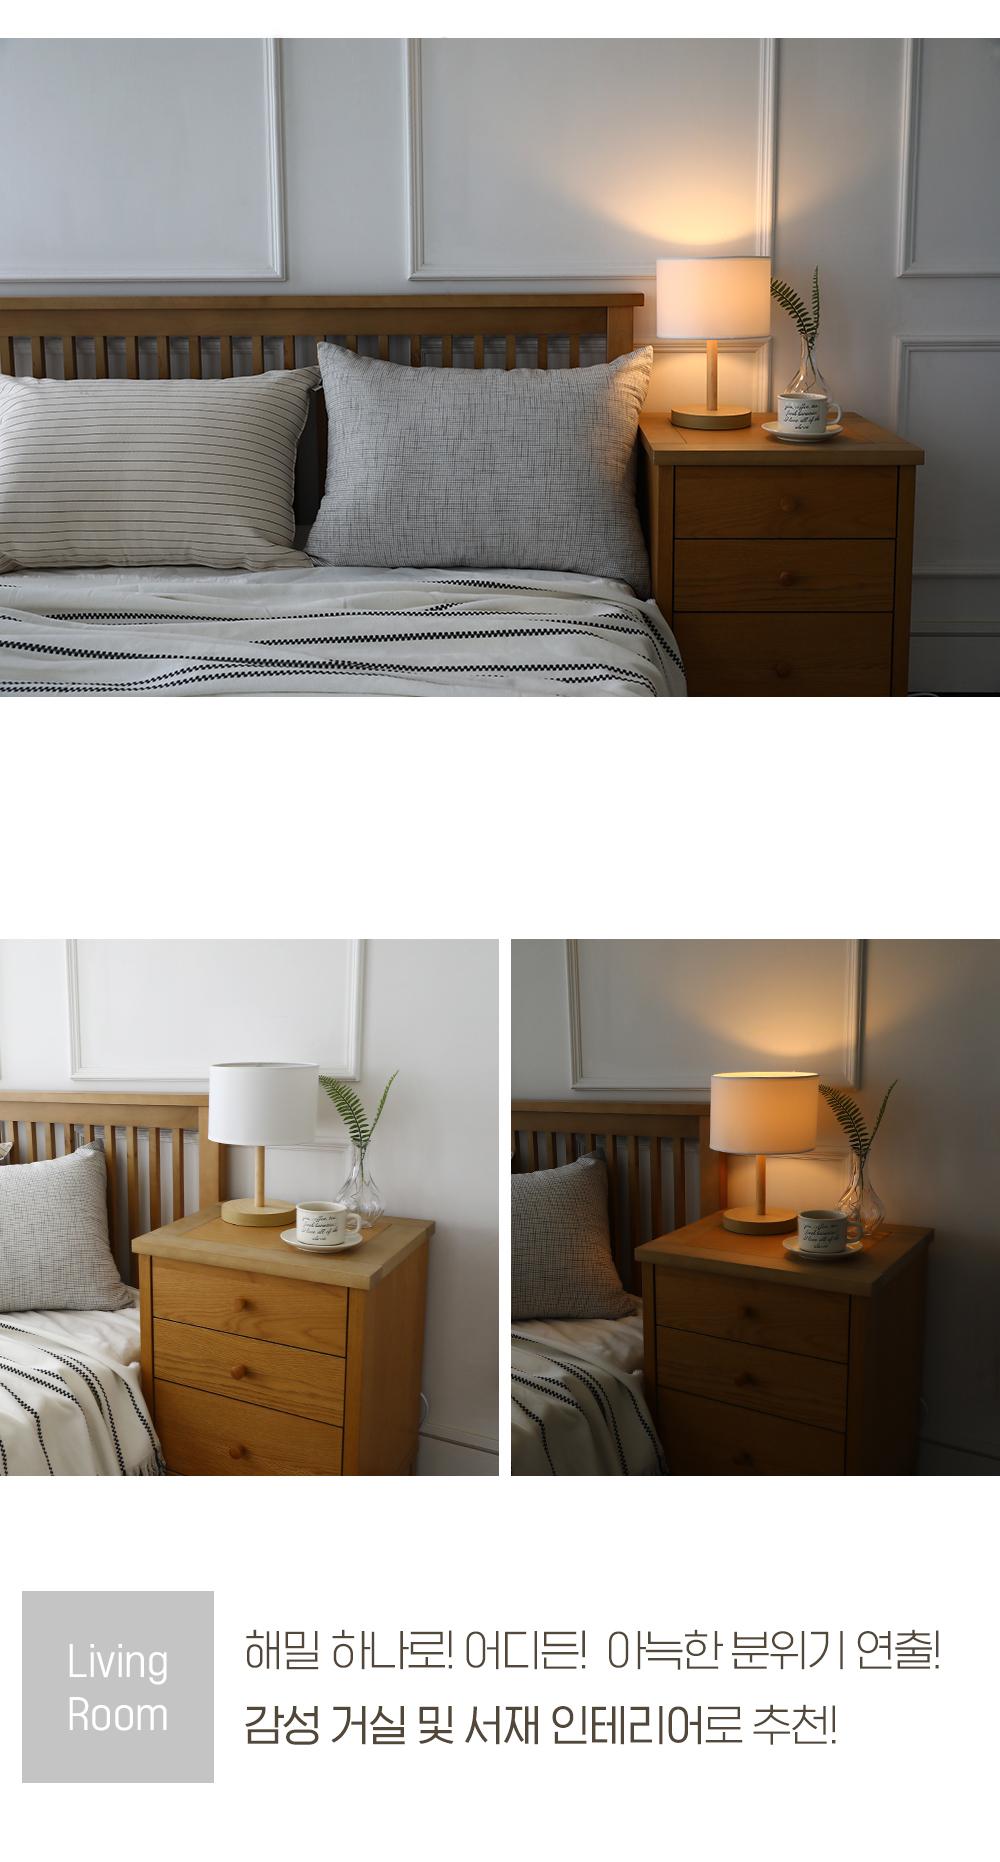 인테리어 스타일 - 바이빔 해밀 단스탠드 심플 모던 침실